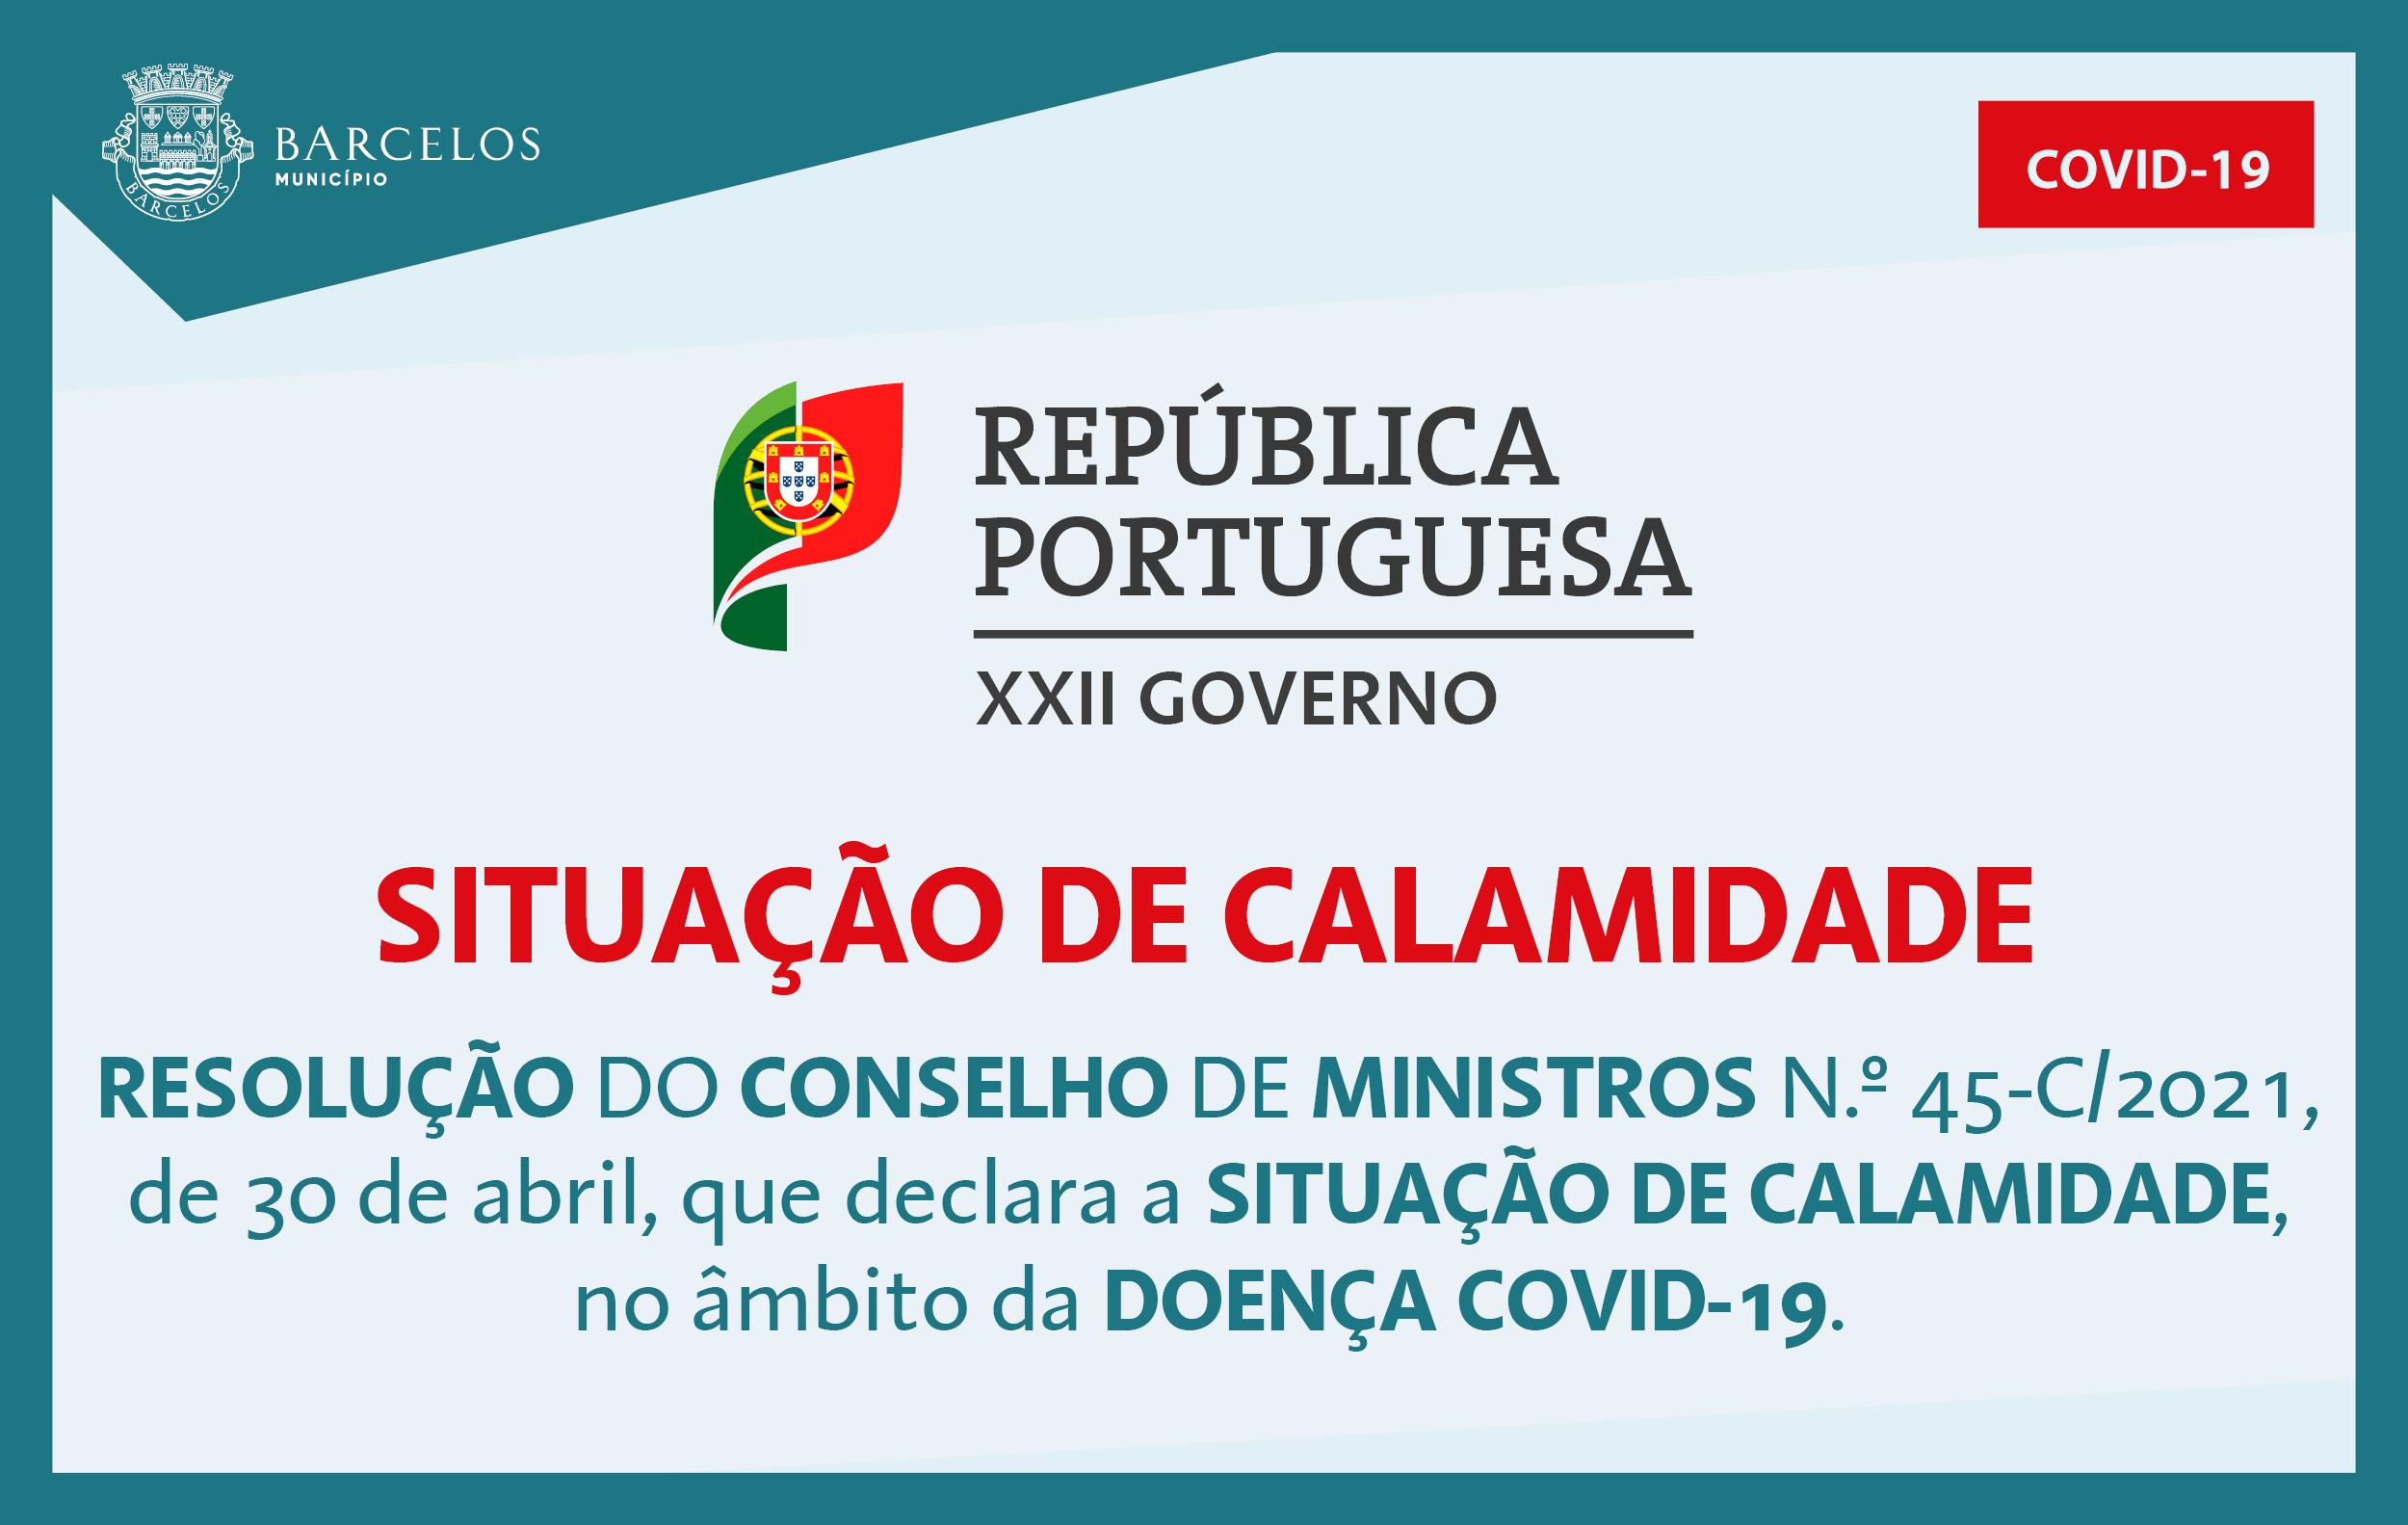 Resolução do Conselho de Ministros n.º 45-C/2021, de 30 de abril, que declara a situação de calamidade, no âmbito da doença Covid-19.